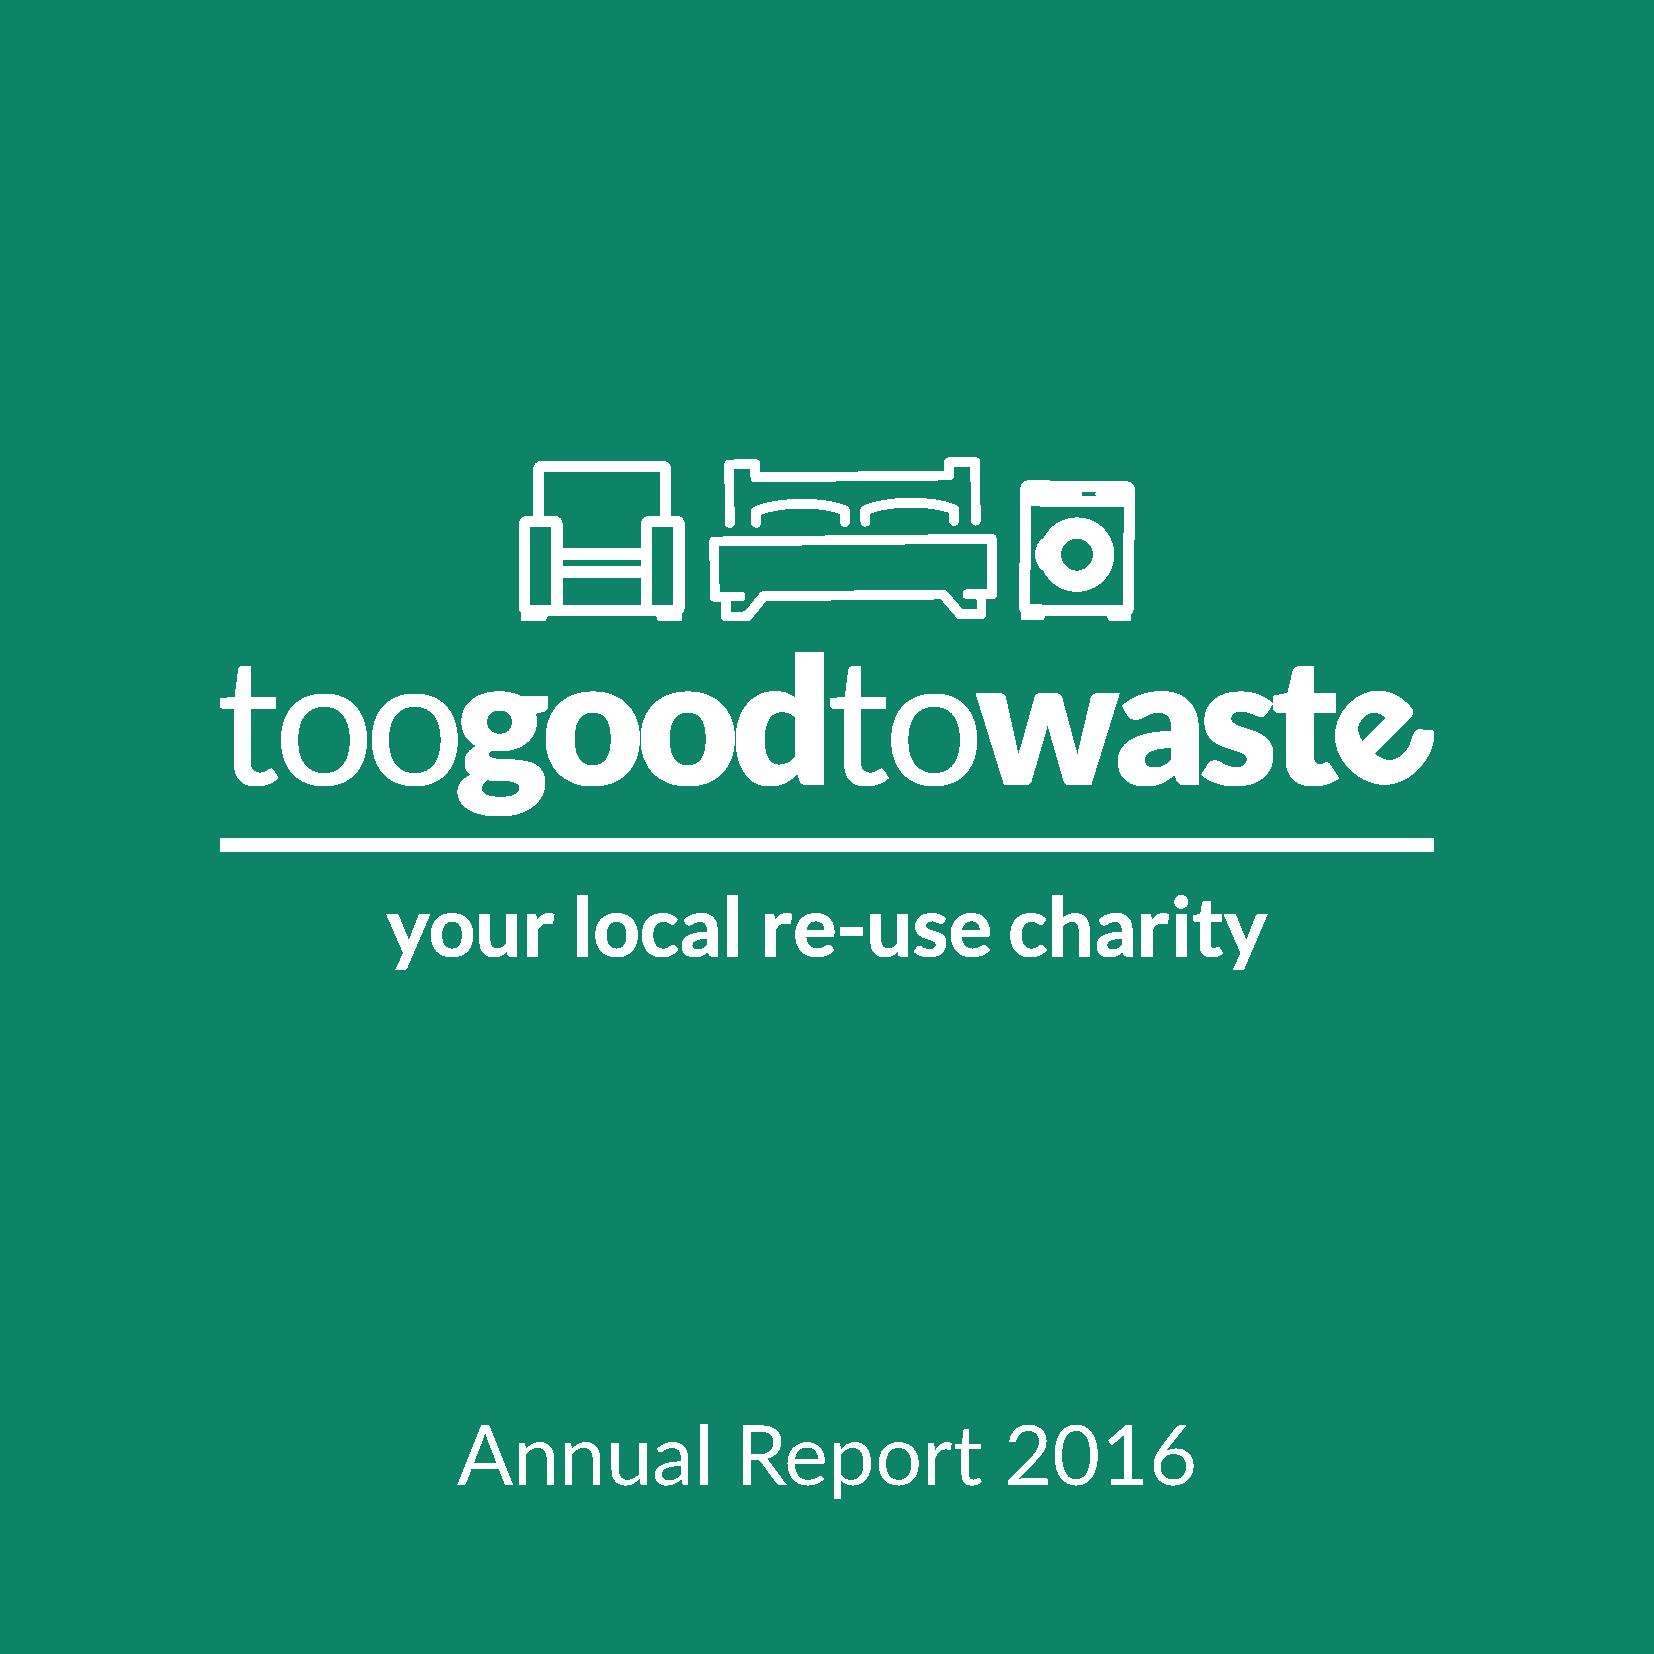 toogoodtowaste Annual Report 2016